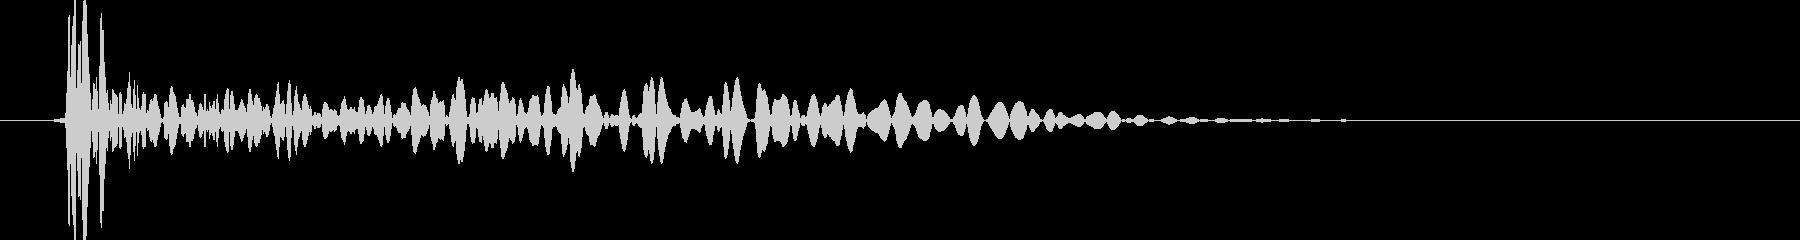 ぴゅーん!(コミカルタッチ発射音)の未再生の波形